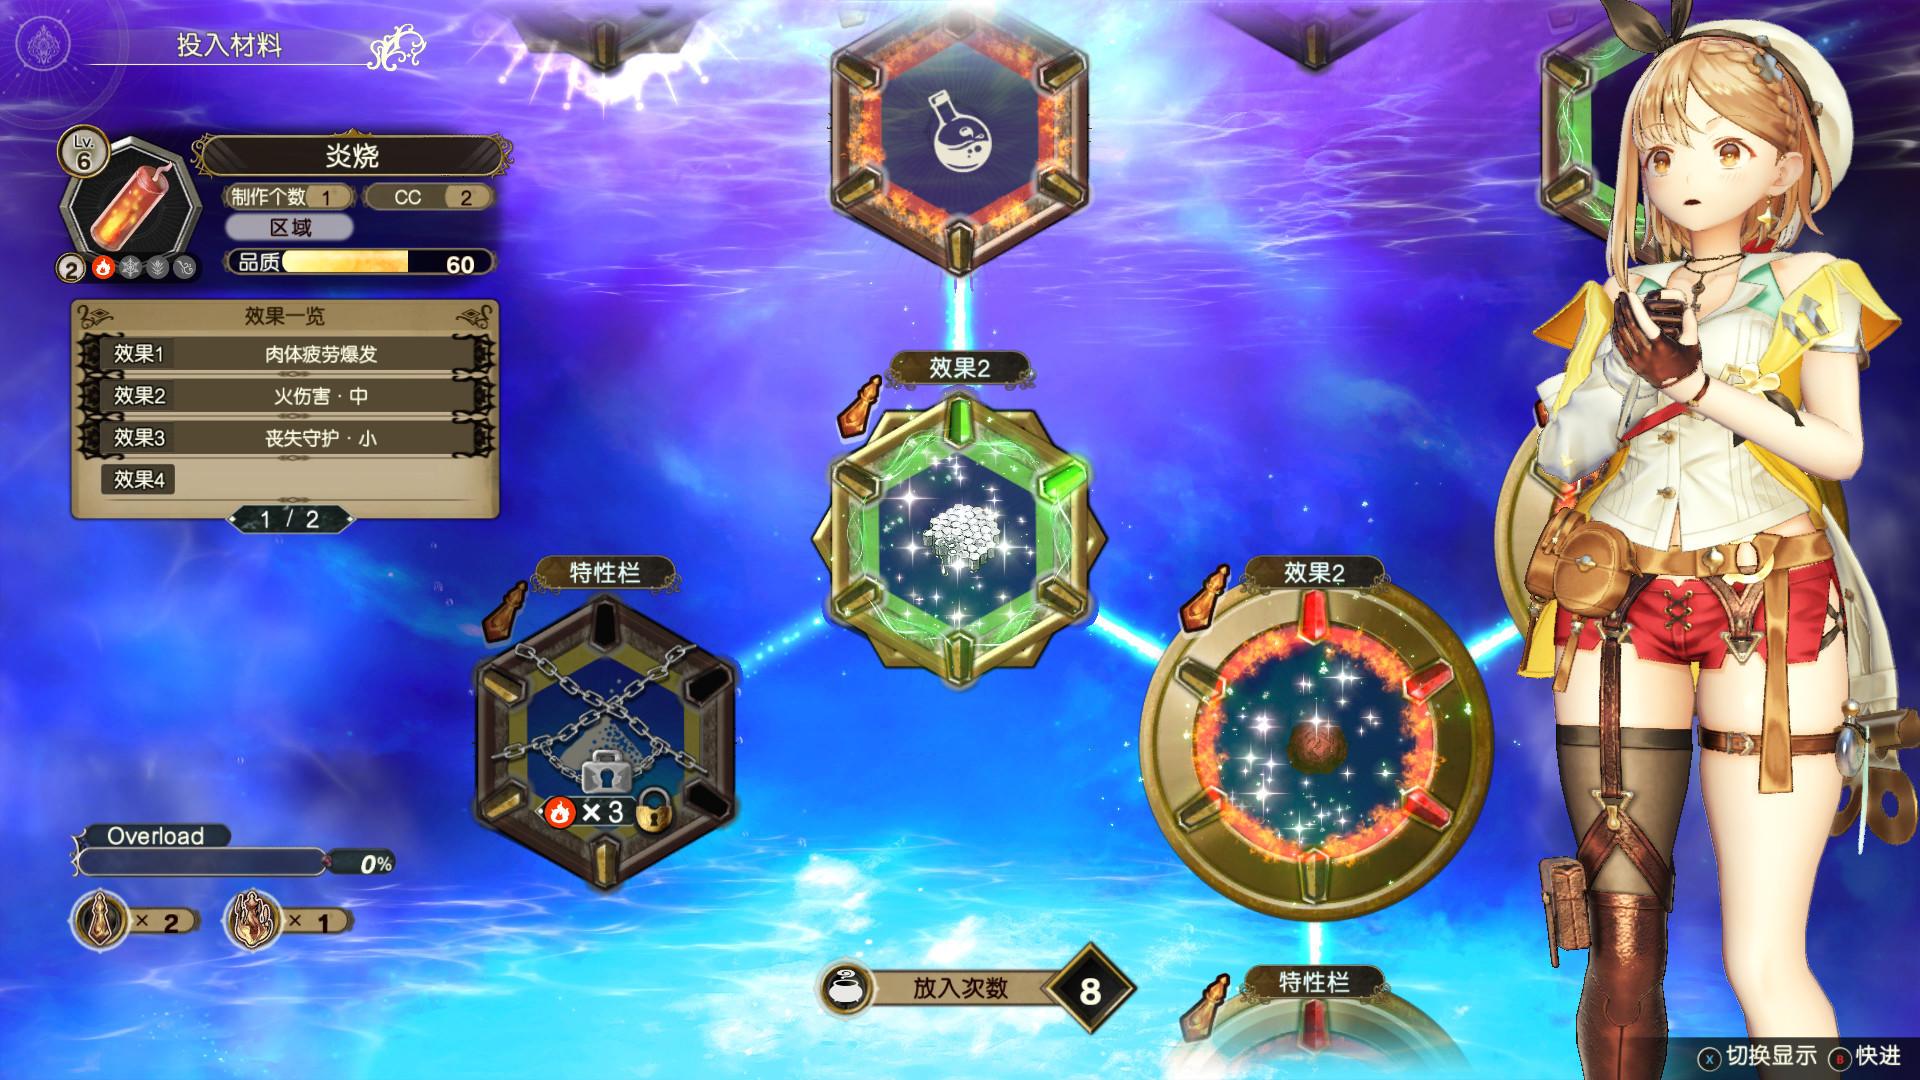 莱莎的炼金工房2:失落传说与秘密妖精(V1.02含DLCs.新增果体清凉MOD)插图5